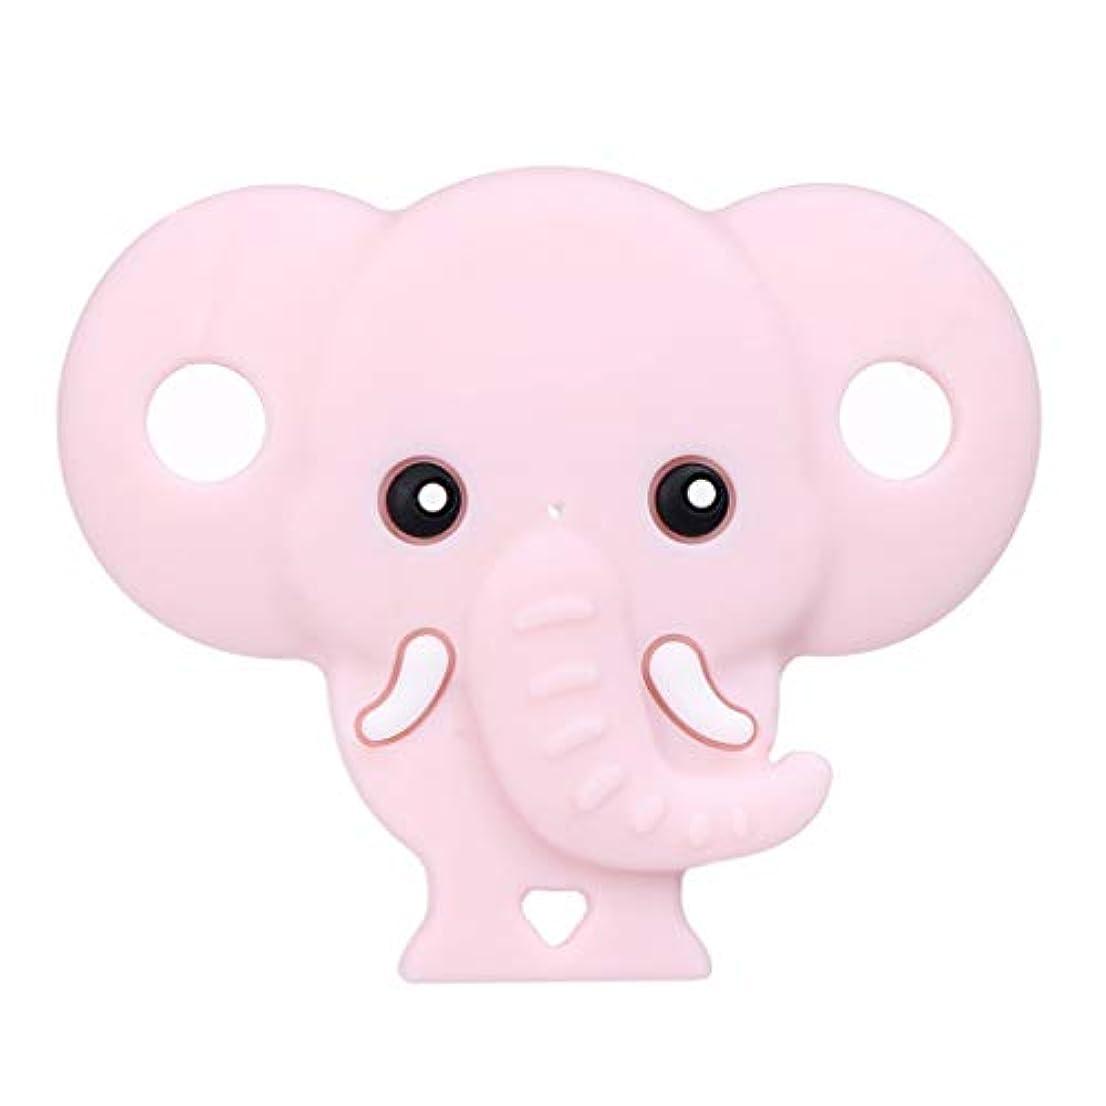 土チート他にLanddumシリコーンおしゃぶり象のおしゃぶり赤ちゃん看護玩具かむ玩具歯が生えるガラガラおもちゃ - ピンク